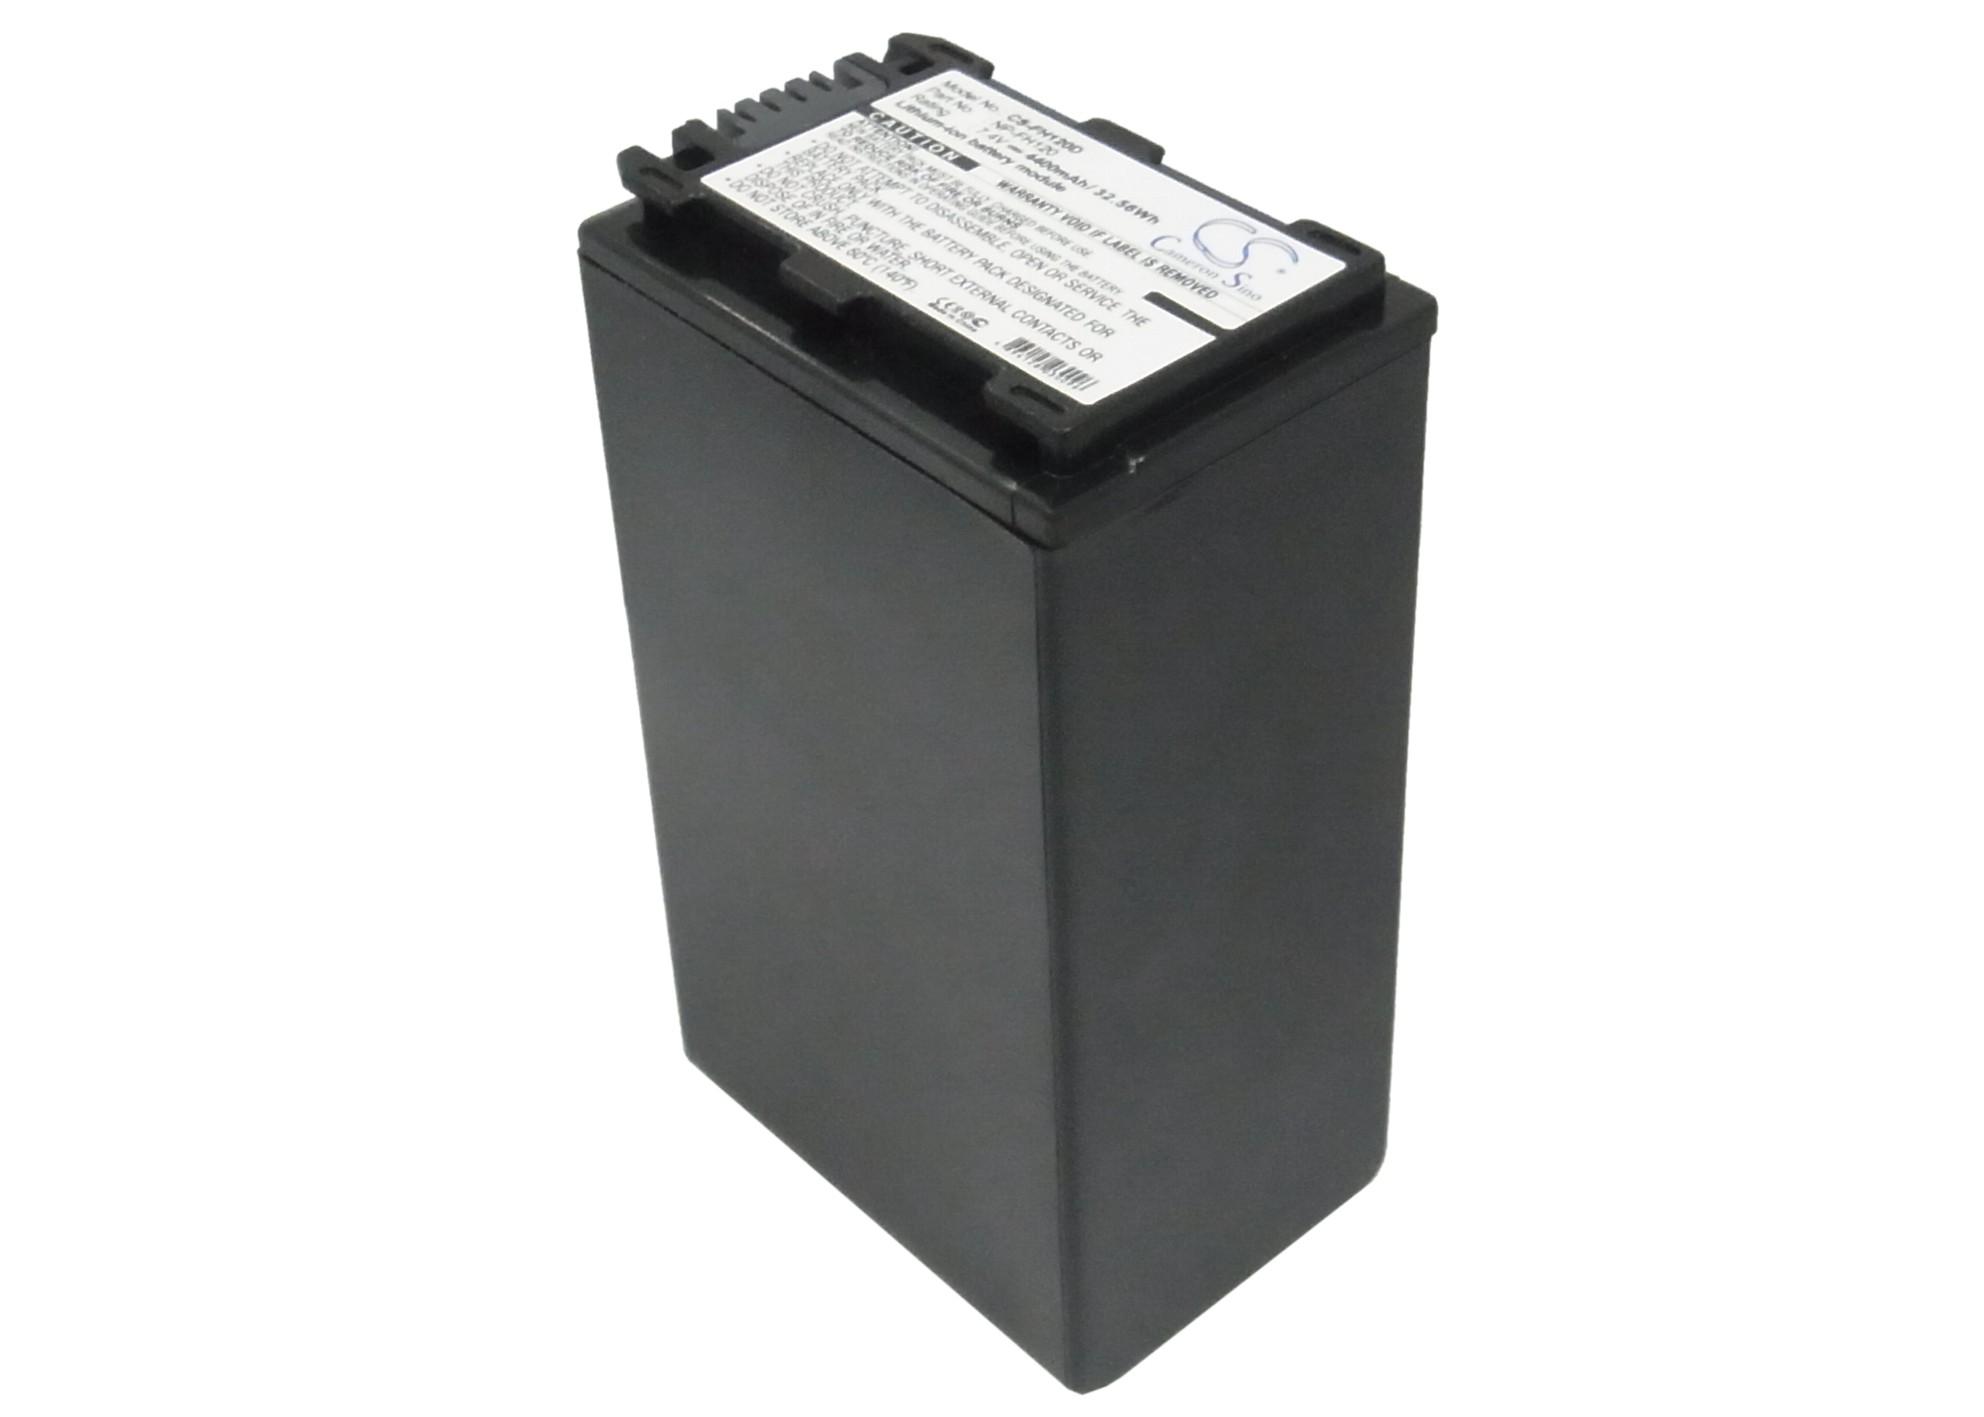 Cameron Sino baterie do kamer a fotoaparátů pro SONY HDR-UX20/E 7.4V Li-ion 4400mAh černá - neoriginální